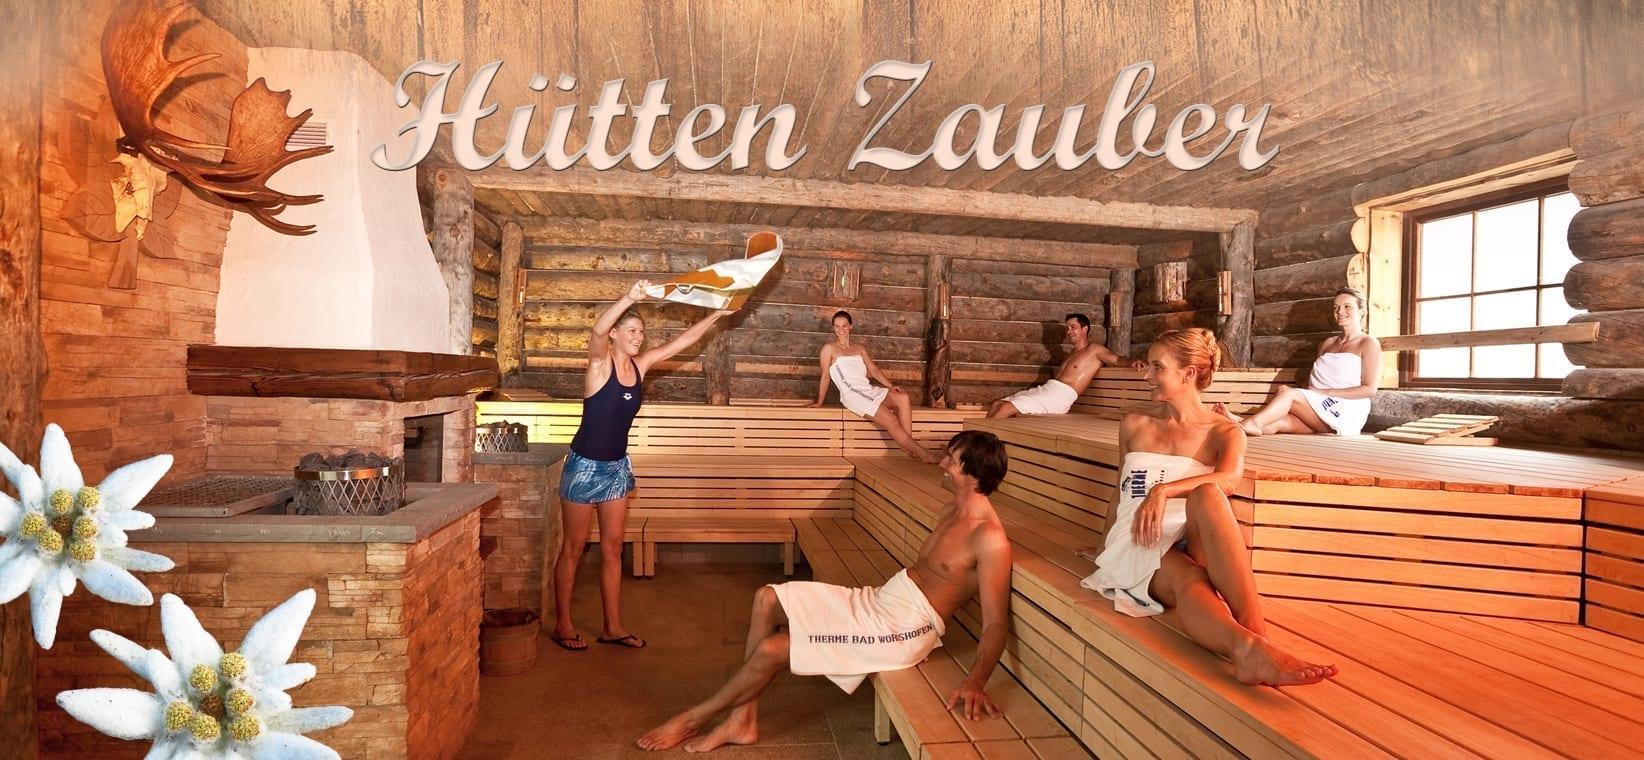 Erlebnis-Saunanacht Hüttenzauber (textilfrei) - Therme